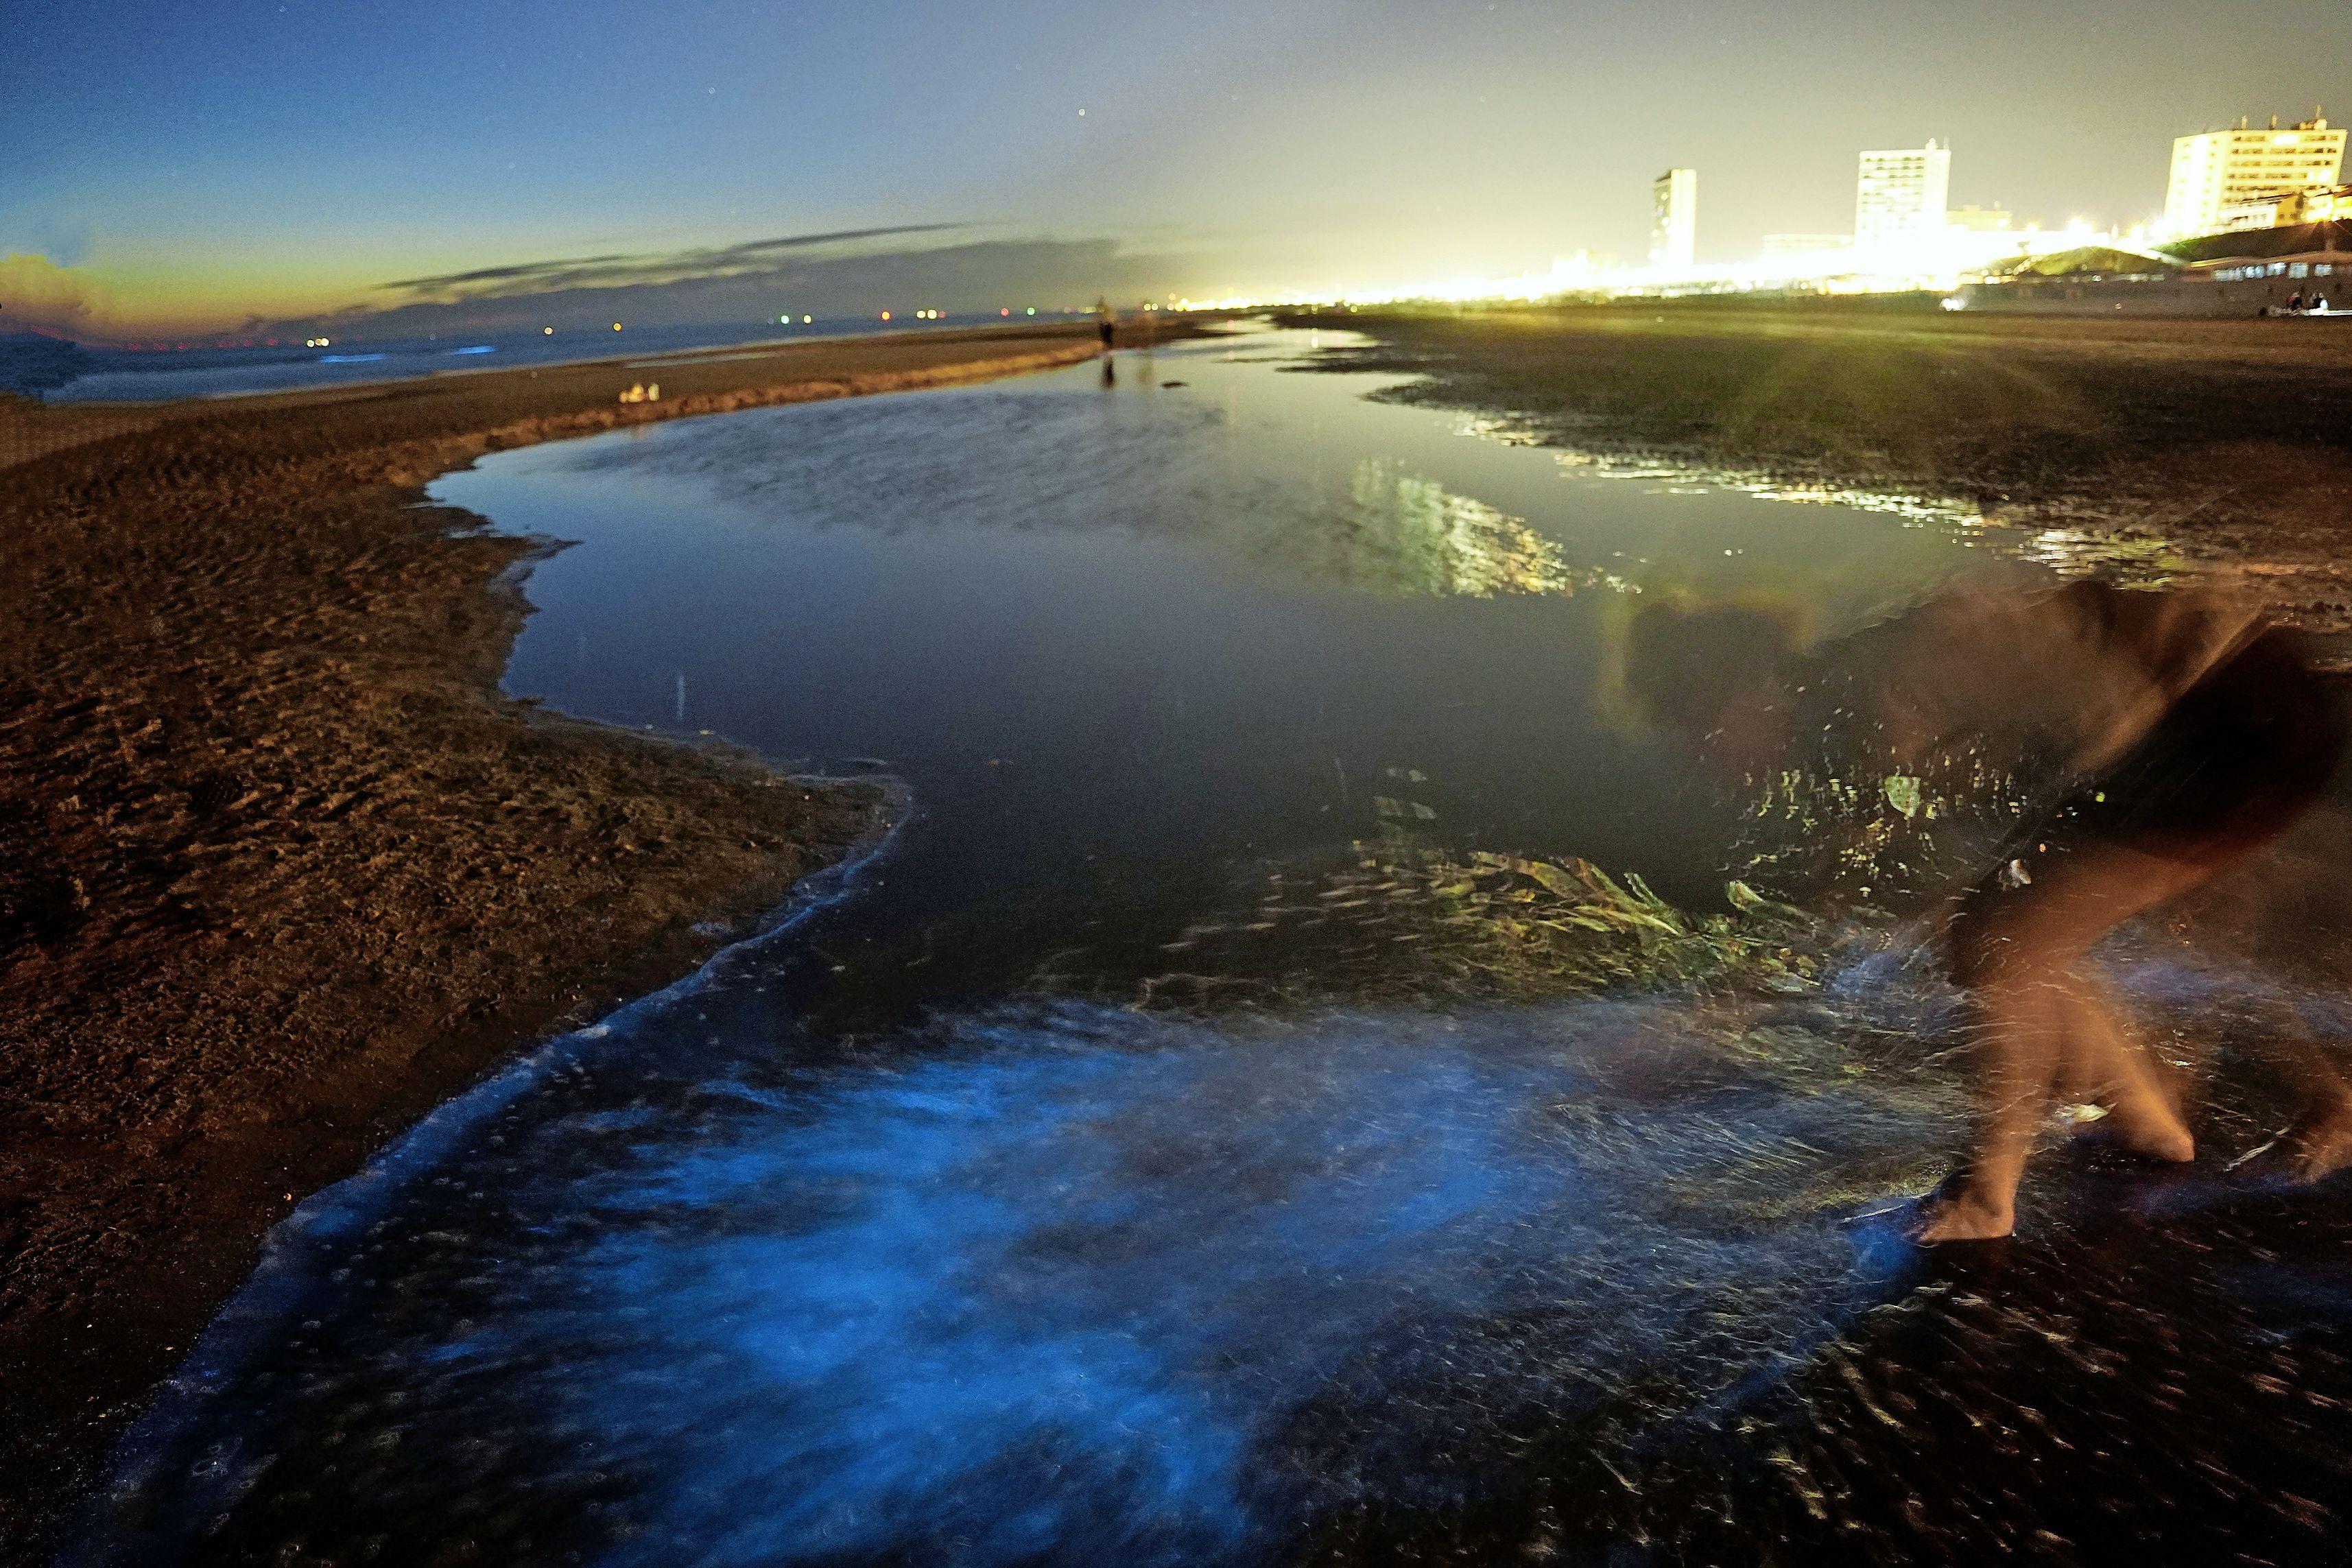 Opwinding alom: zeevonk duikt 's nachts weer op in Zandvoort. 'Zodra het gaat schemeren is de magie eraf'